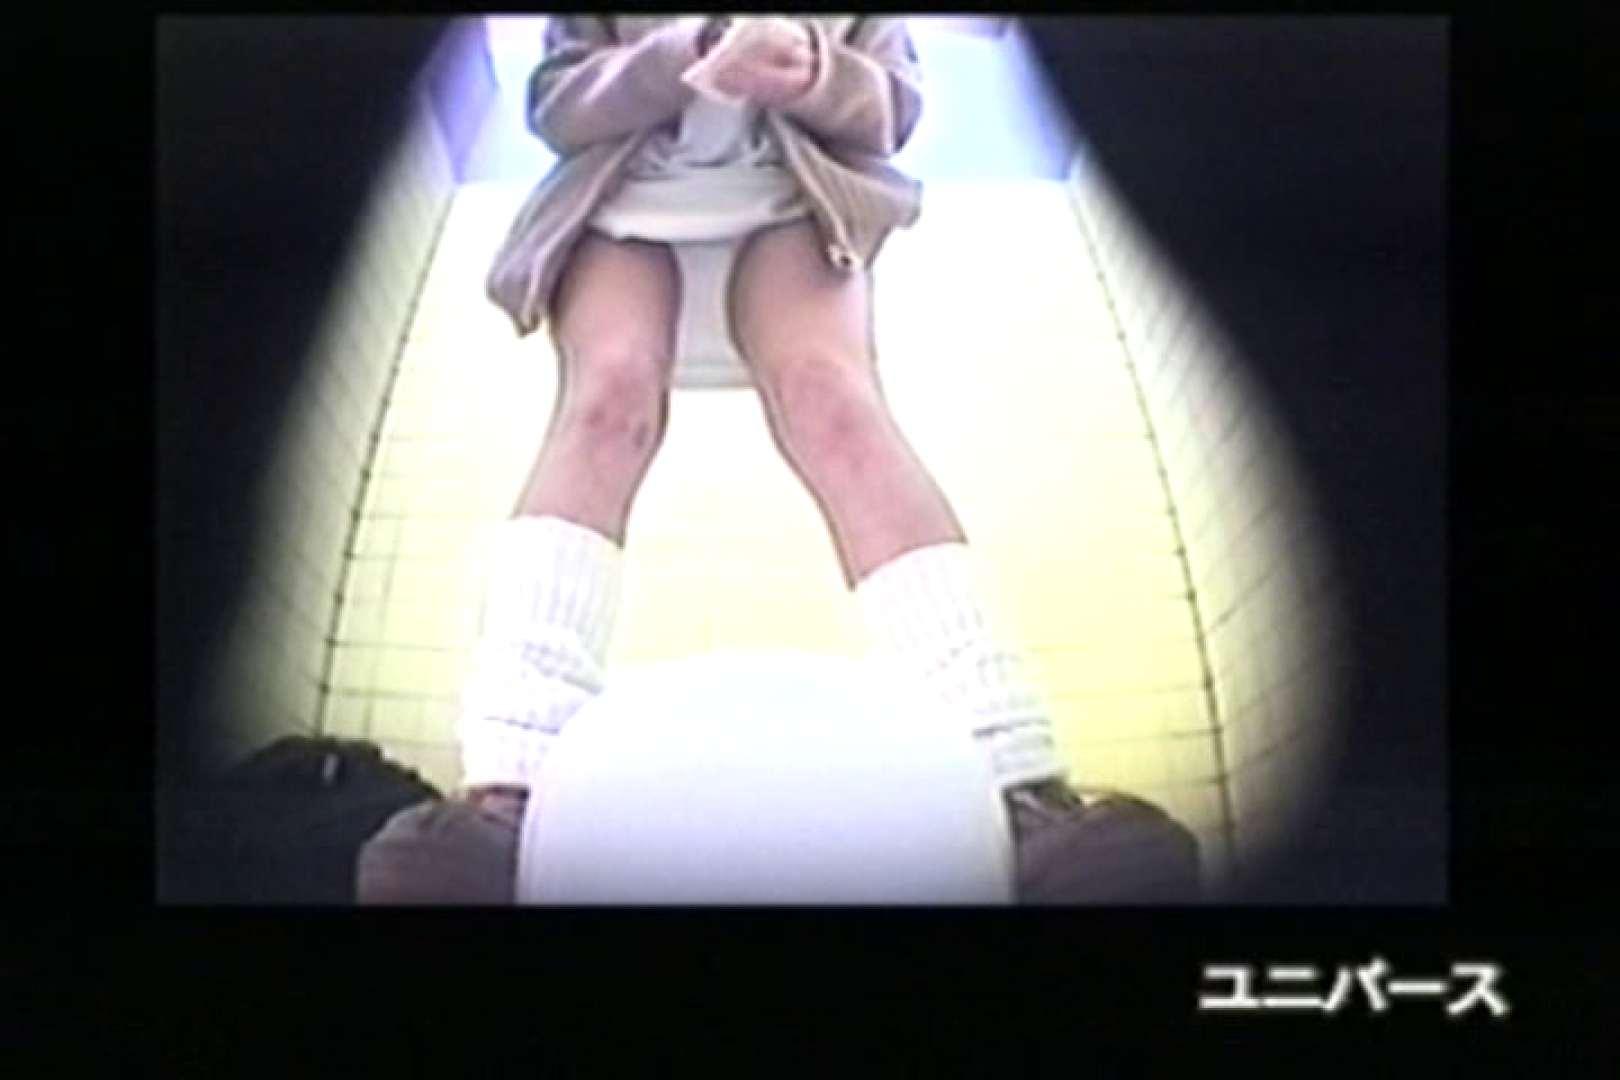 下半身シースルー洗面所Vol.4 洗面所 盗撮動画紹介 91PIX 38